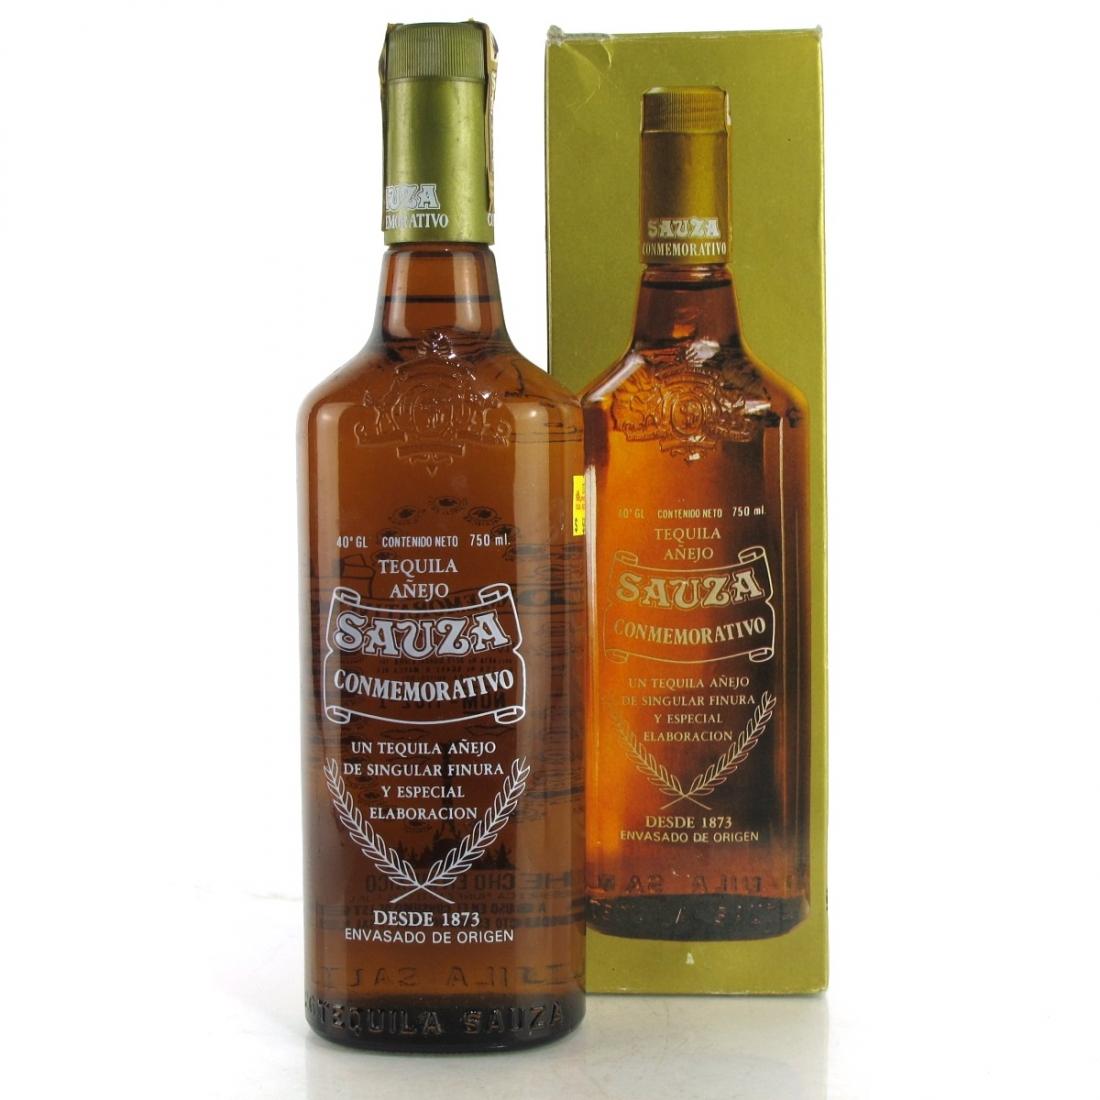 Sauza Conmemorativo Tequila Anejo